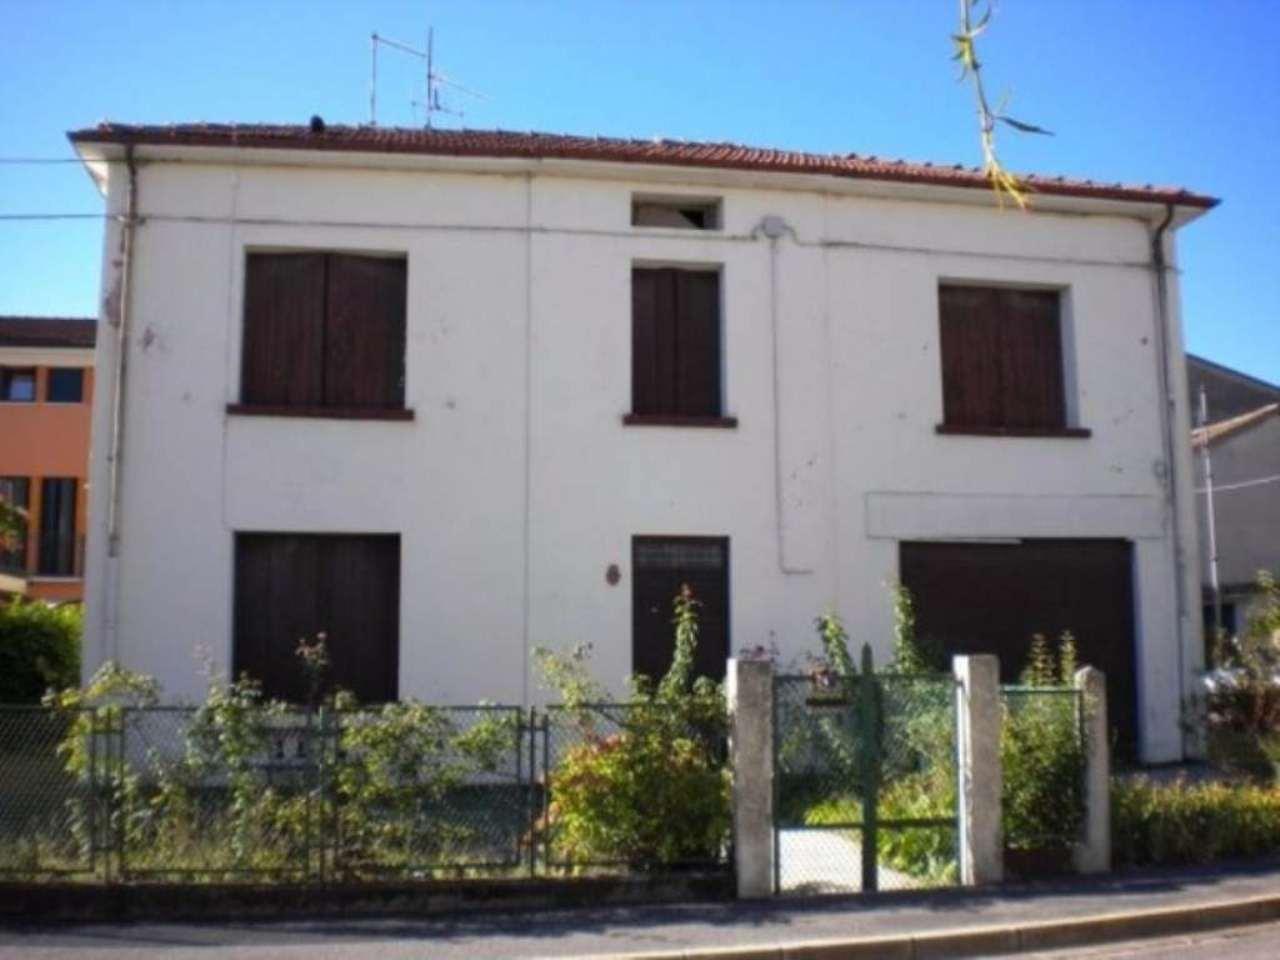 Villa in vendita a Schio, 6 locali, prezzo € 160.000 | CambioCasa.it